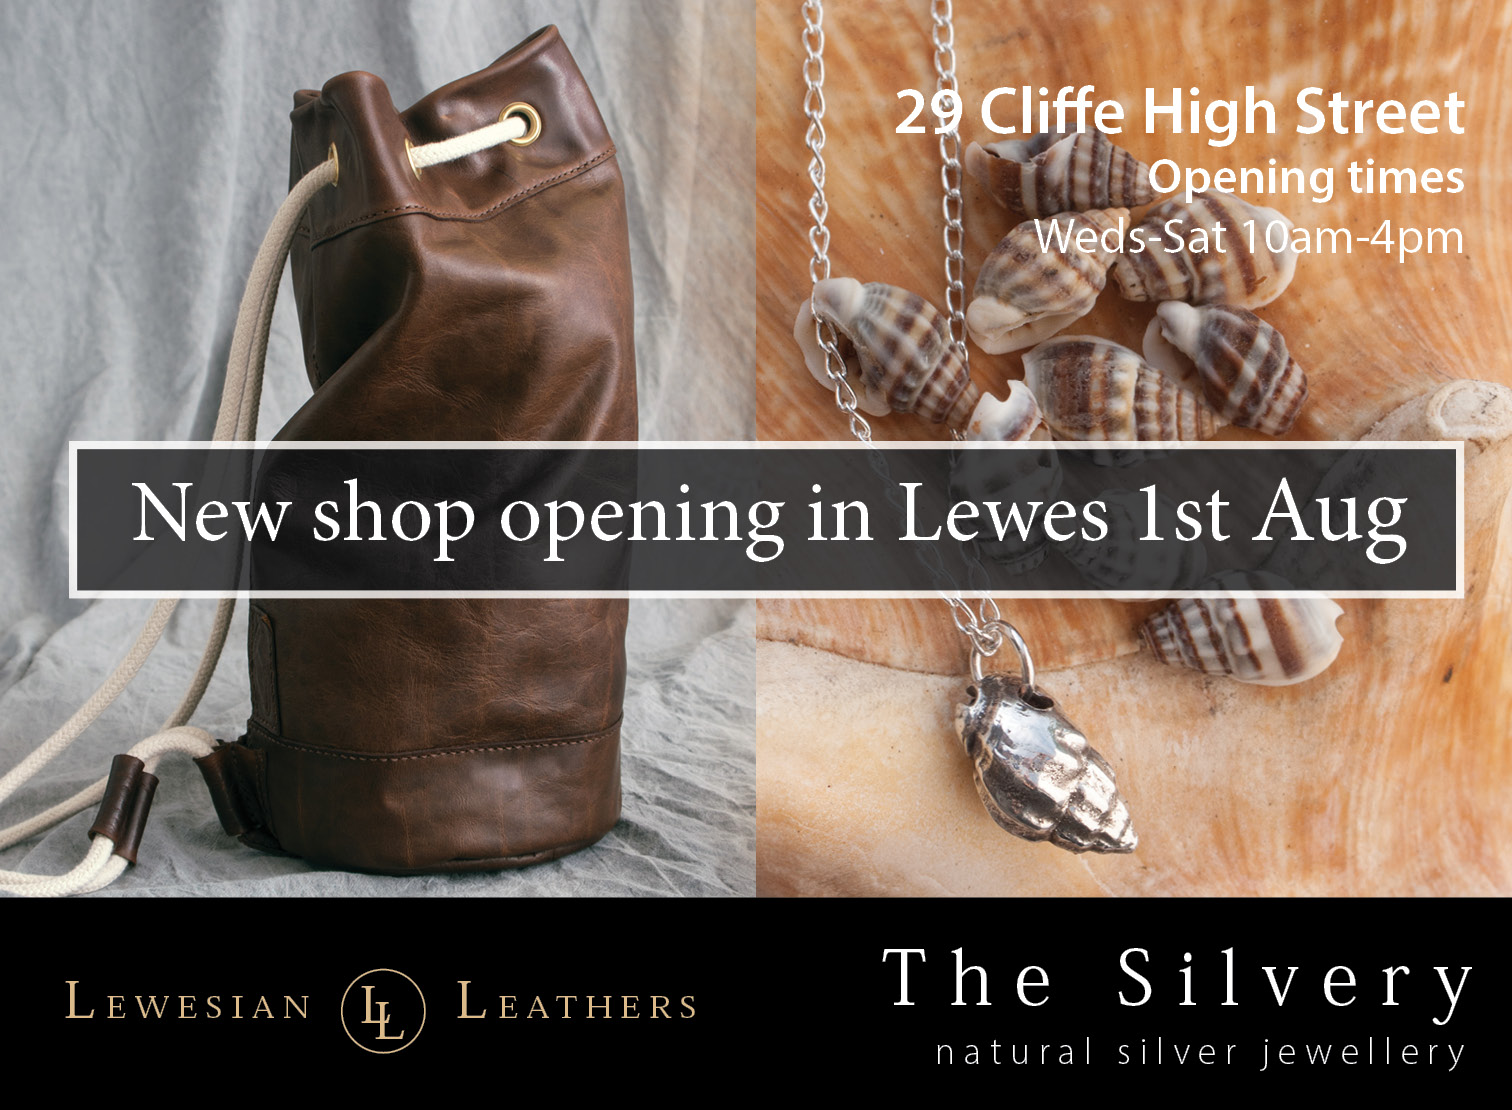 Viva Lewes Ad 2 Coming Soon.jpg